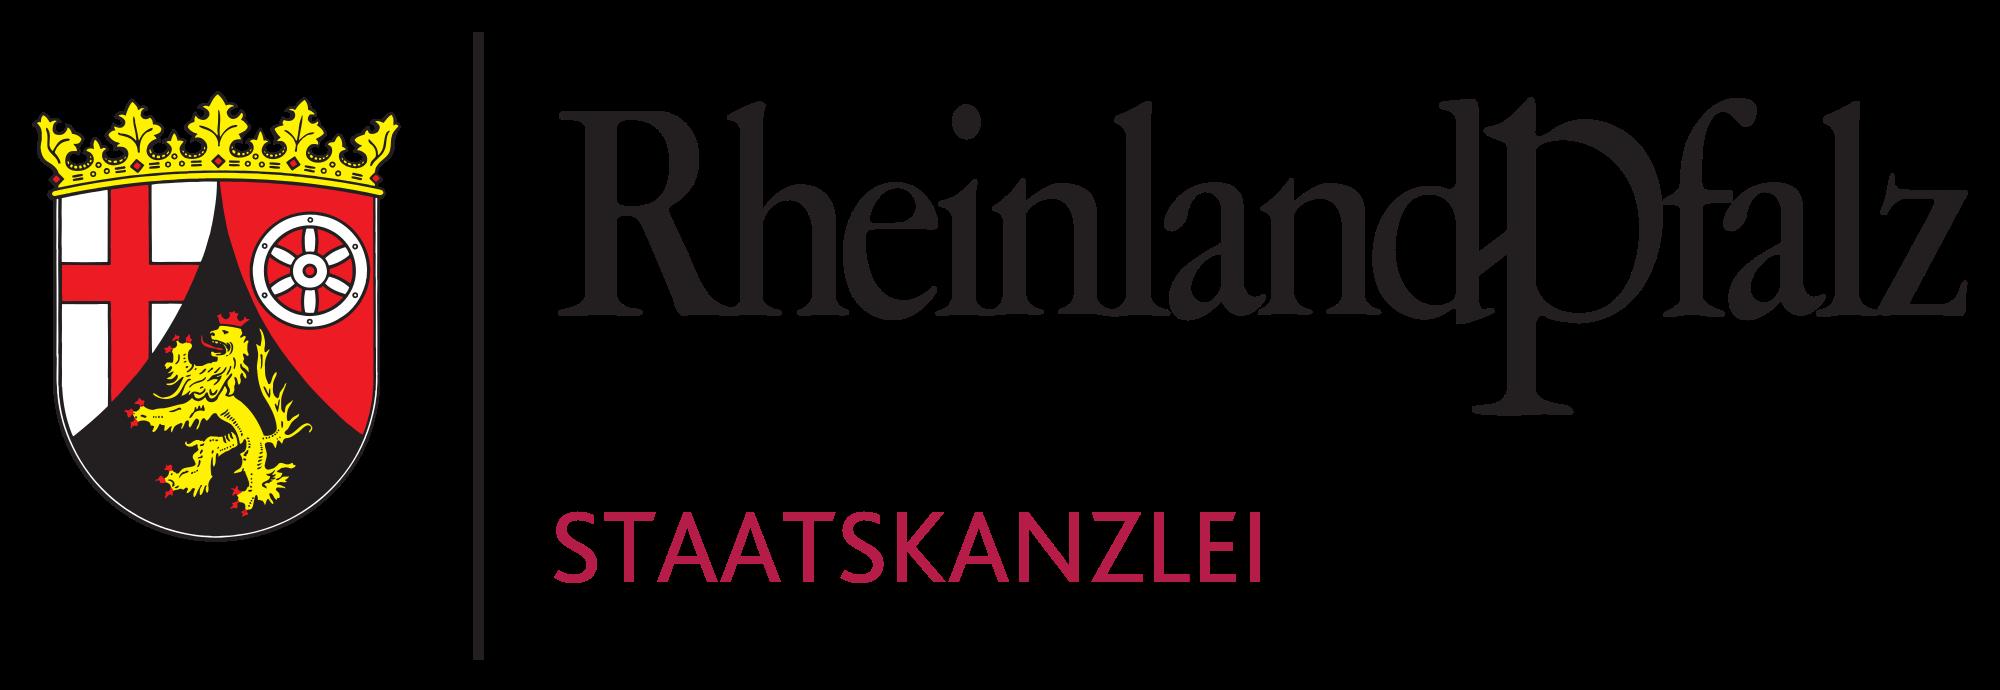 Rheinland-Pfalz_Staatskanzlei.svg